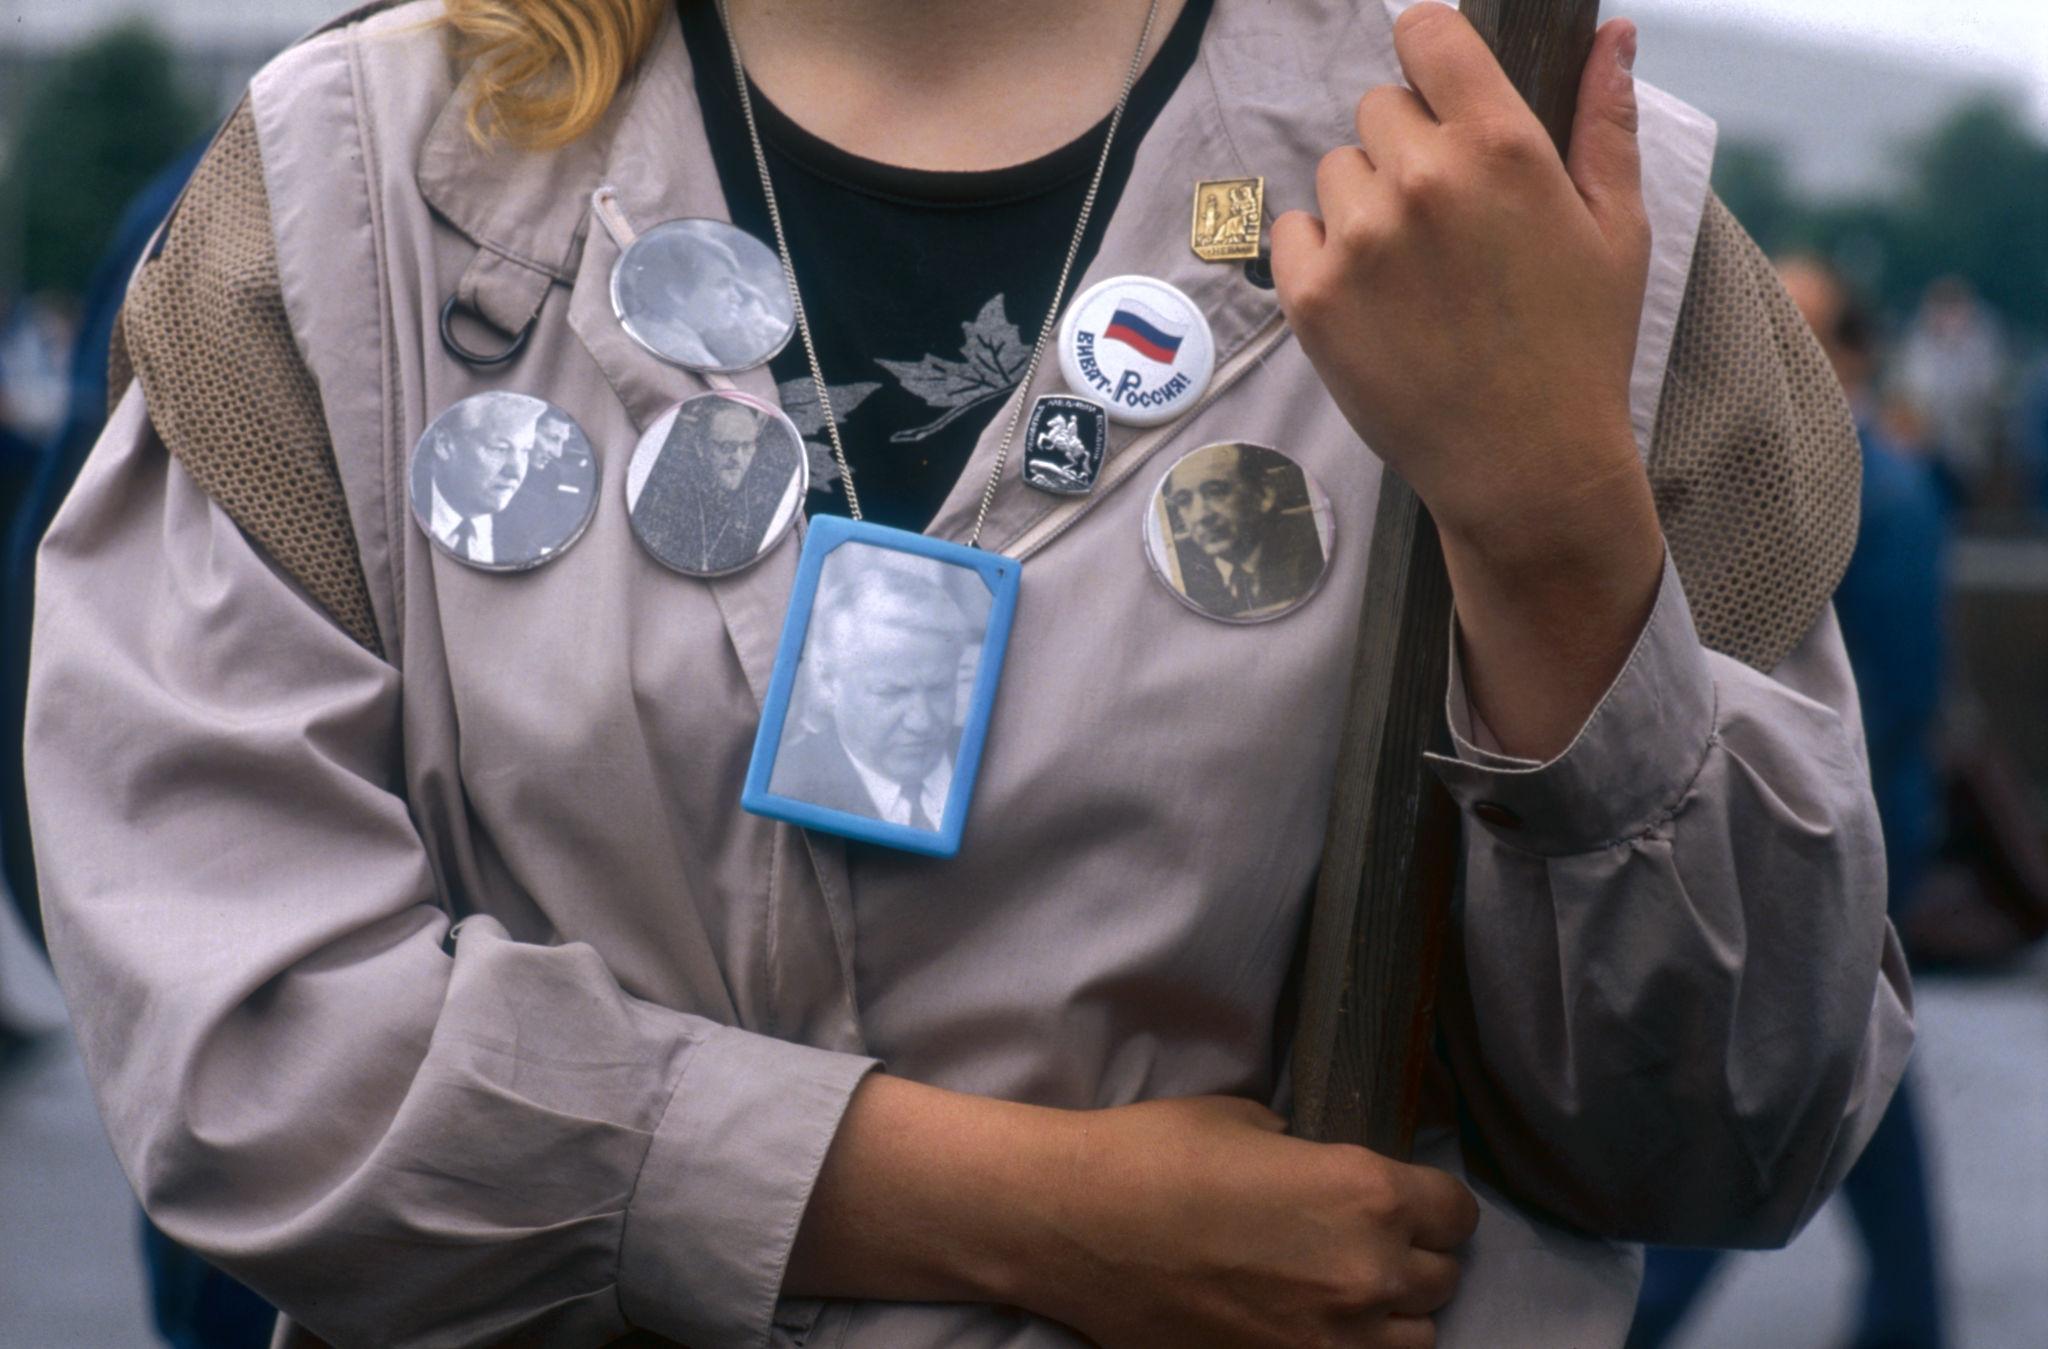 «От чего тебя упас Золотой иконостас?»  1990. 15 июля. Участница демонстрации носит значки с изображением Бориса Ельцина и других лидеров демократической оппозиции